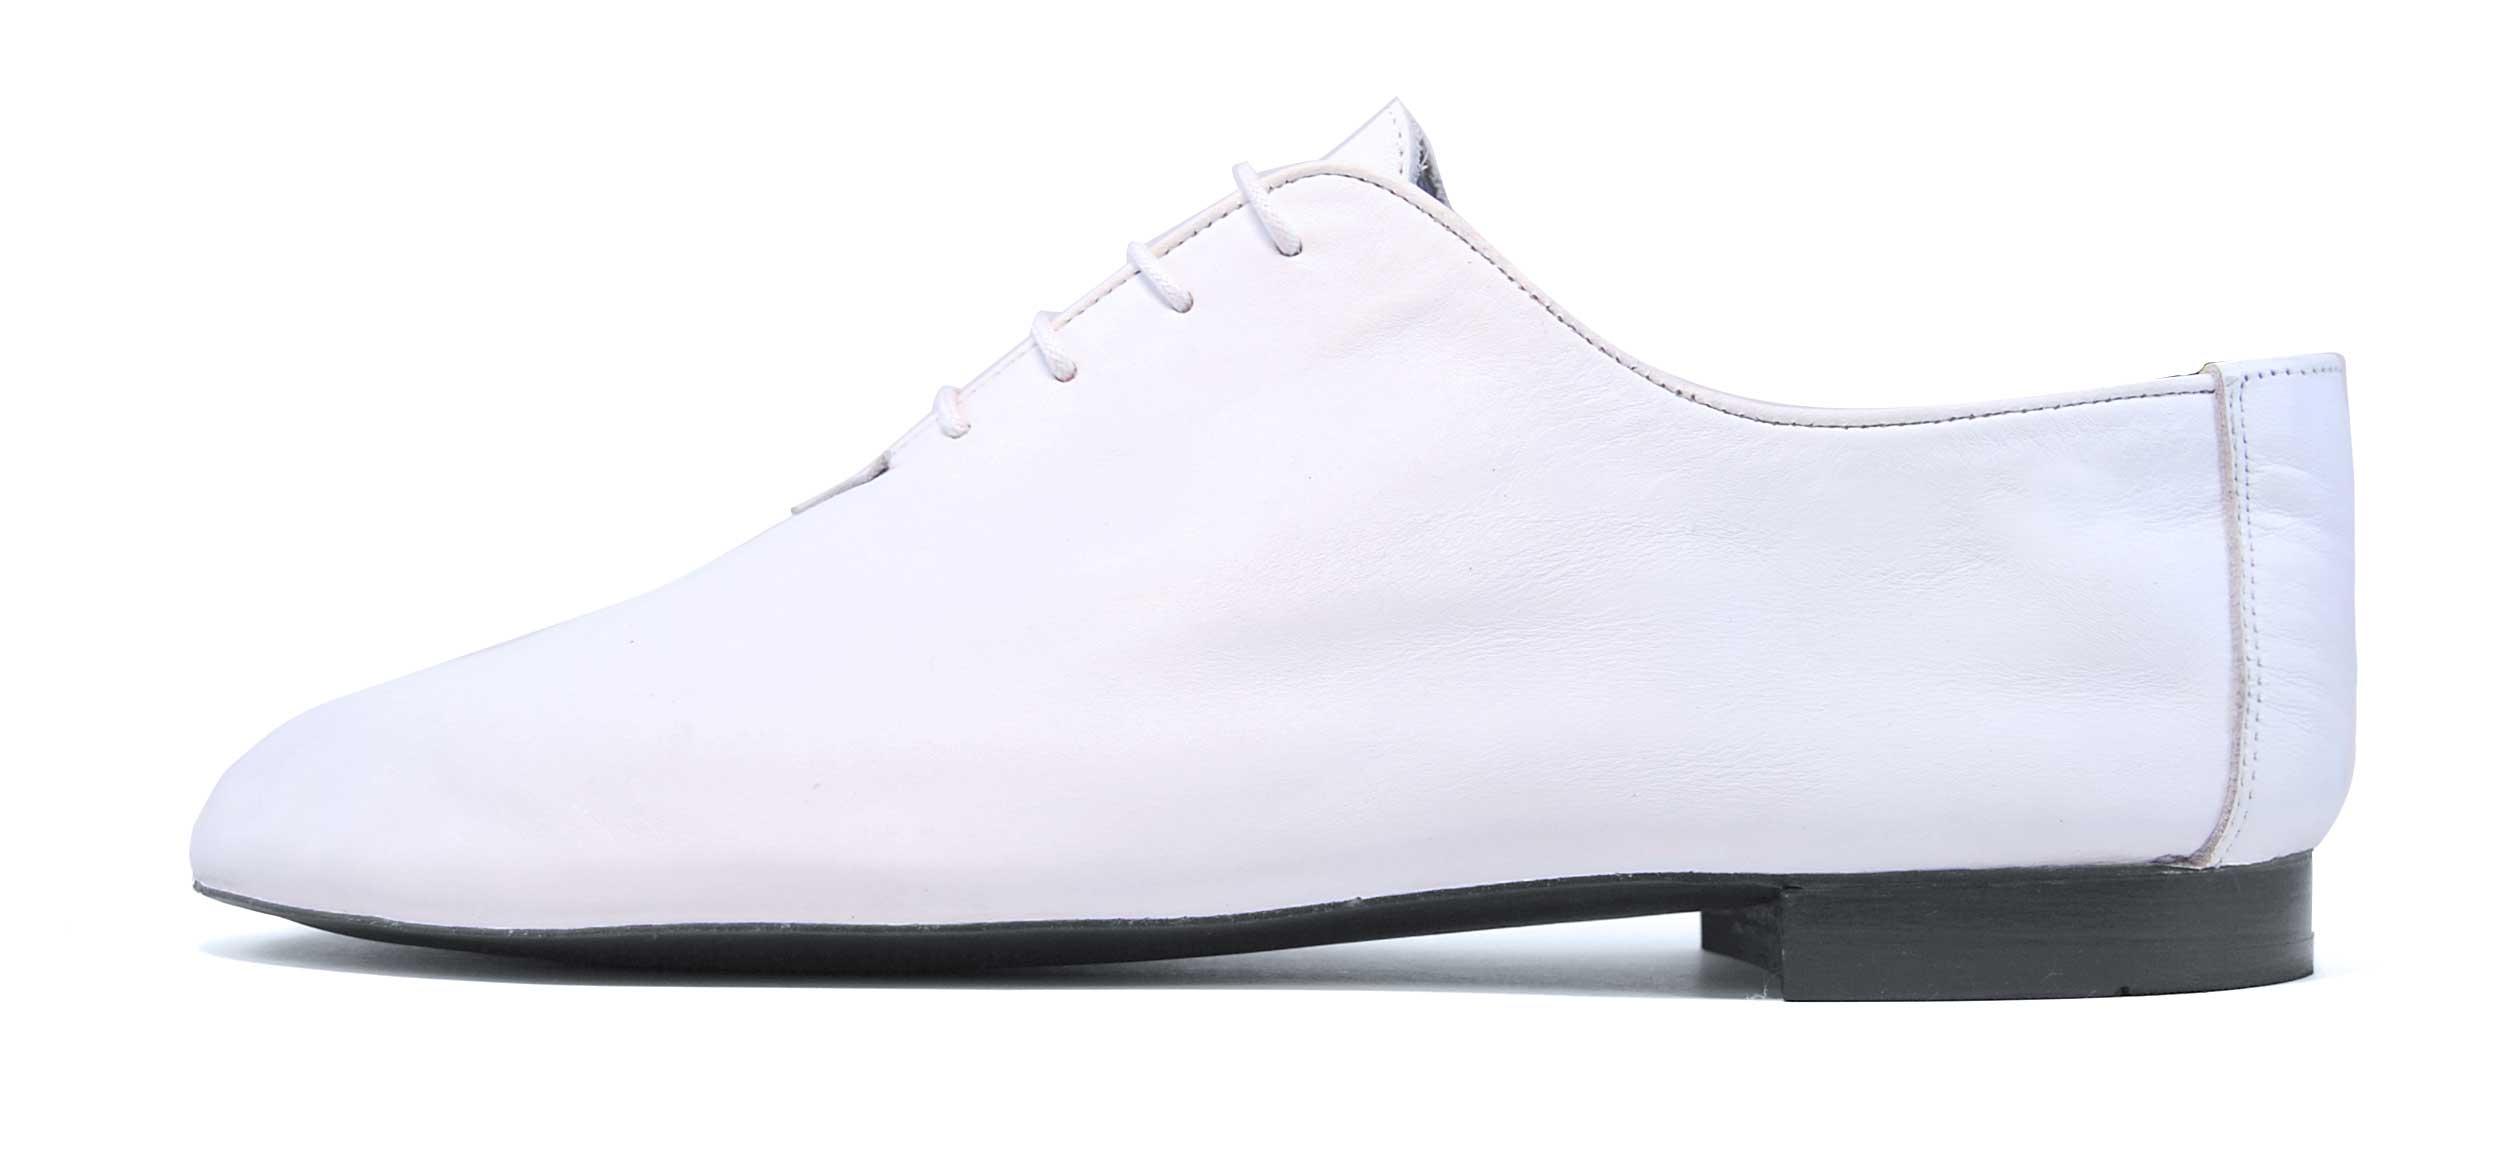 Foto 1 de Zapatos Julio Iglesias Cordon 529 JC Blanco Napa